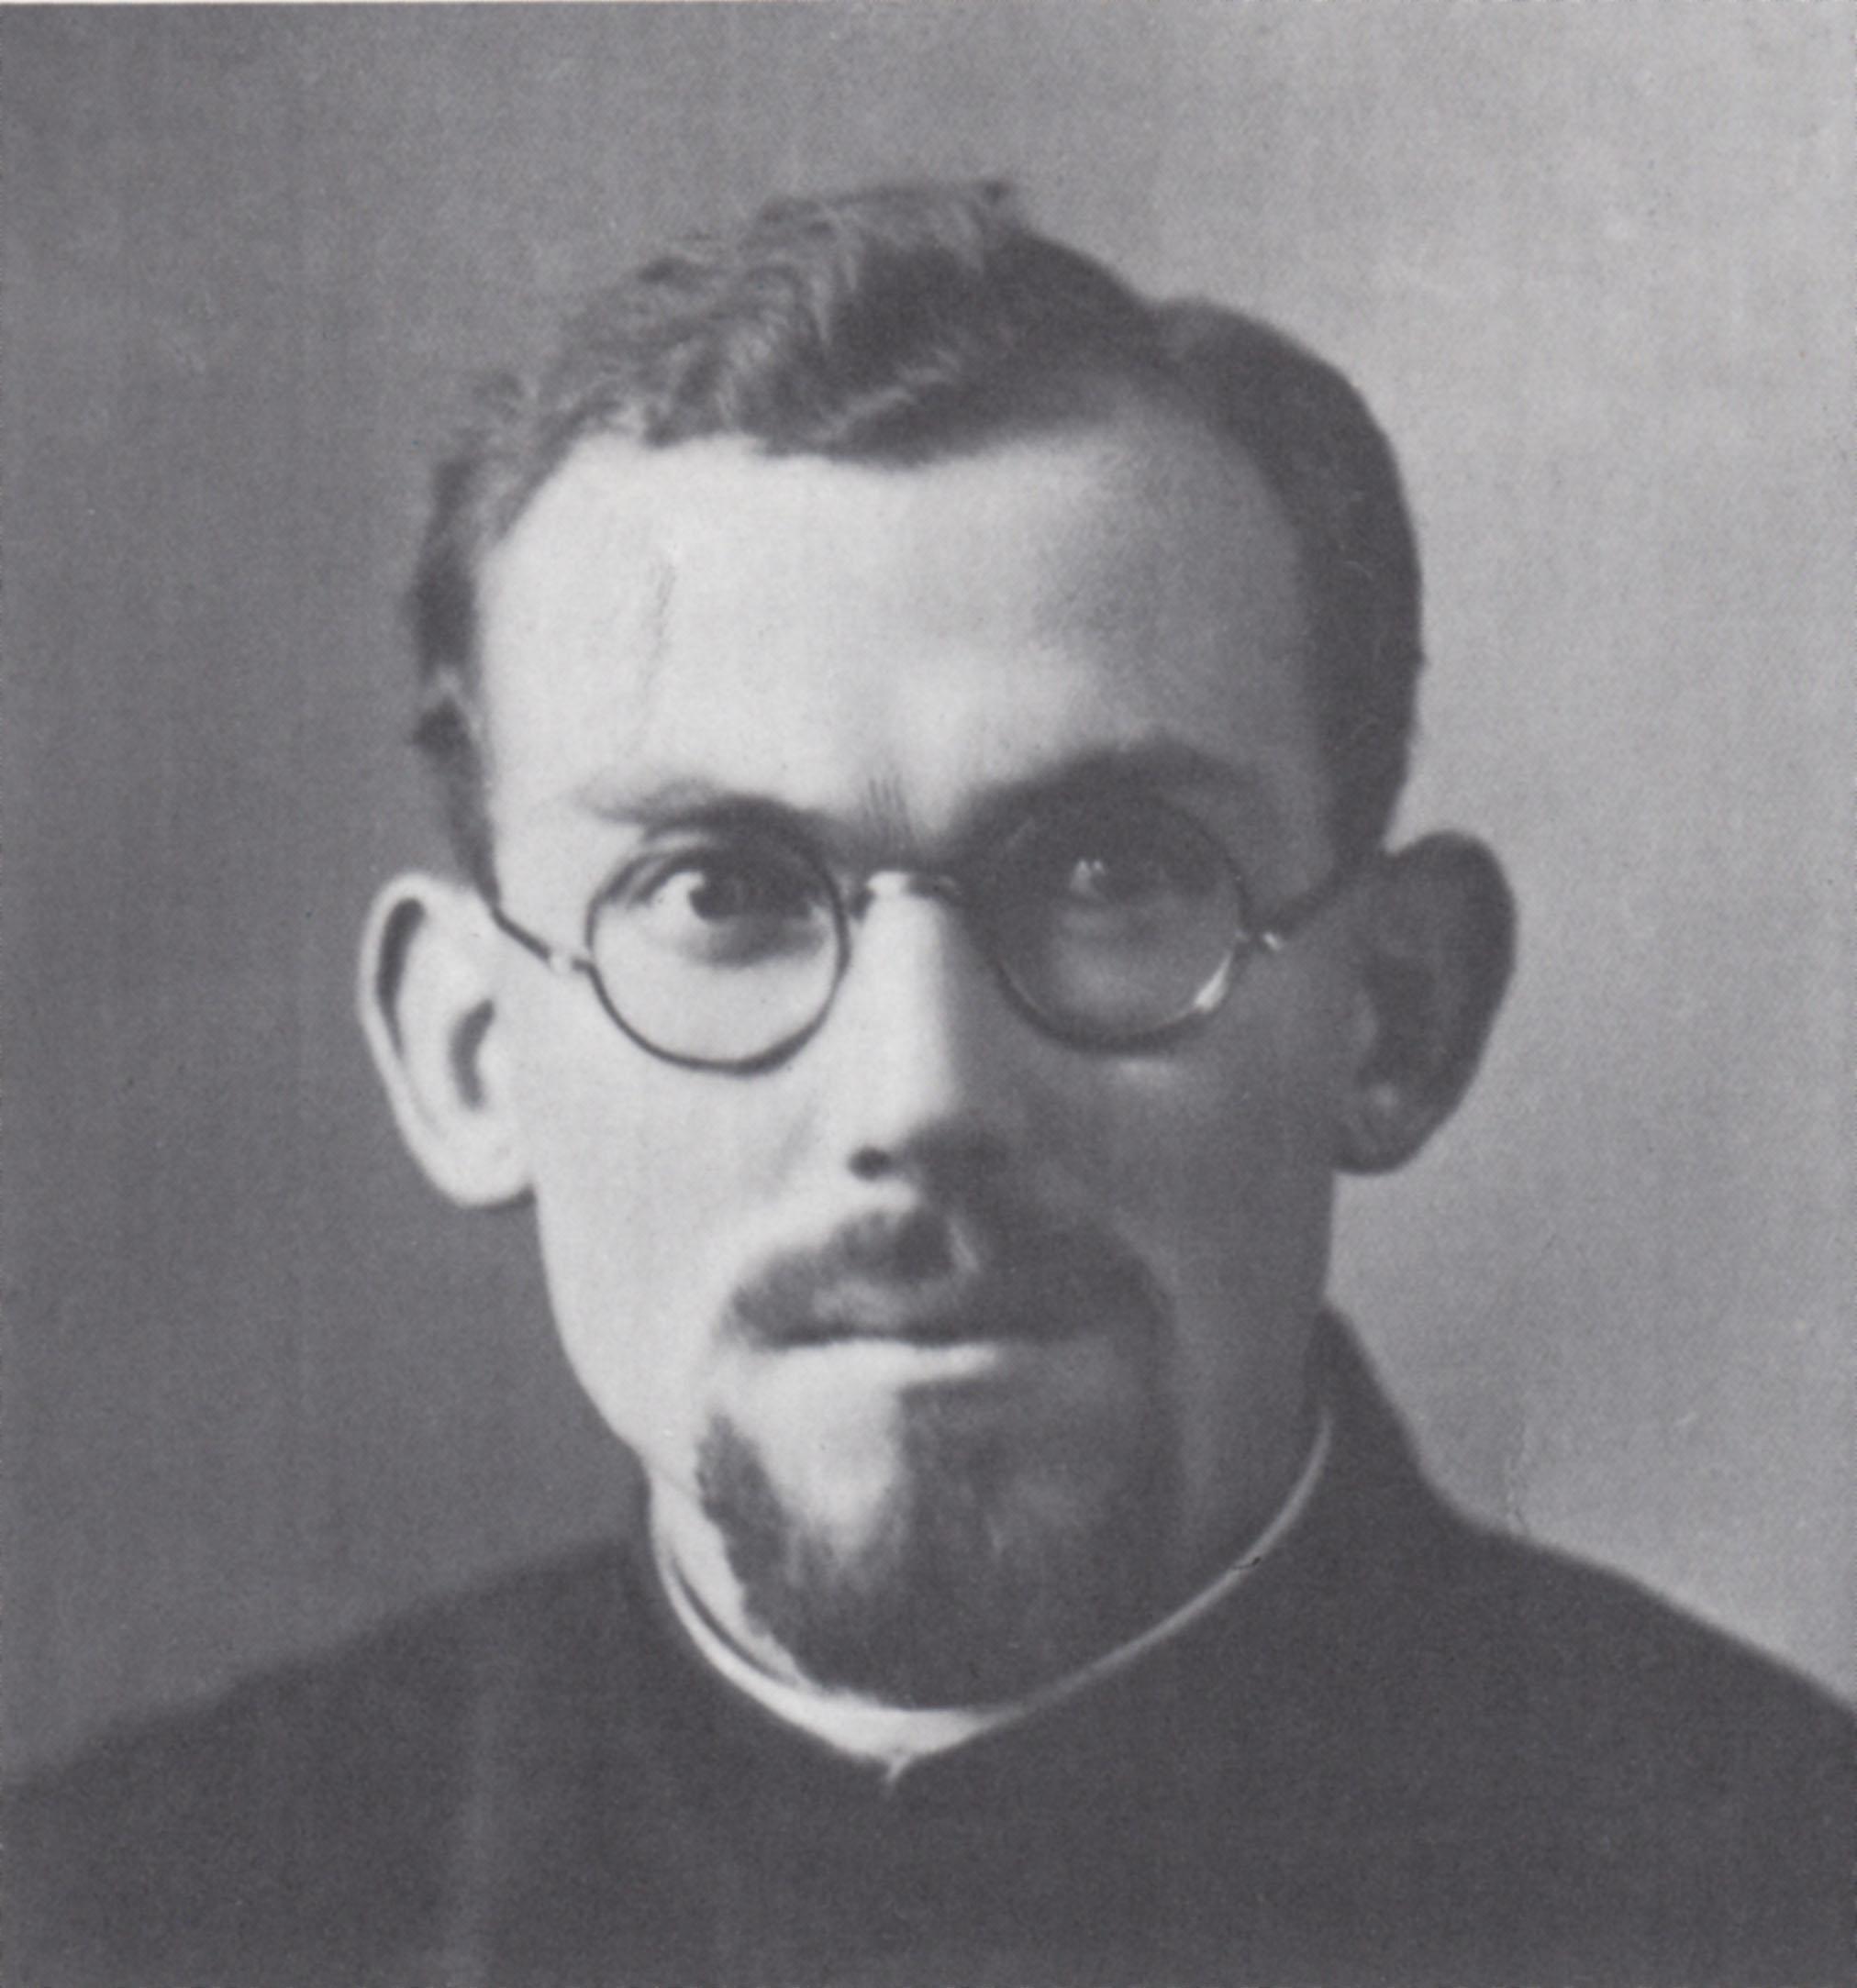 Pater Adolf Lanegnegger (1908-1940)